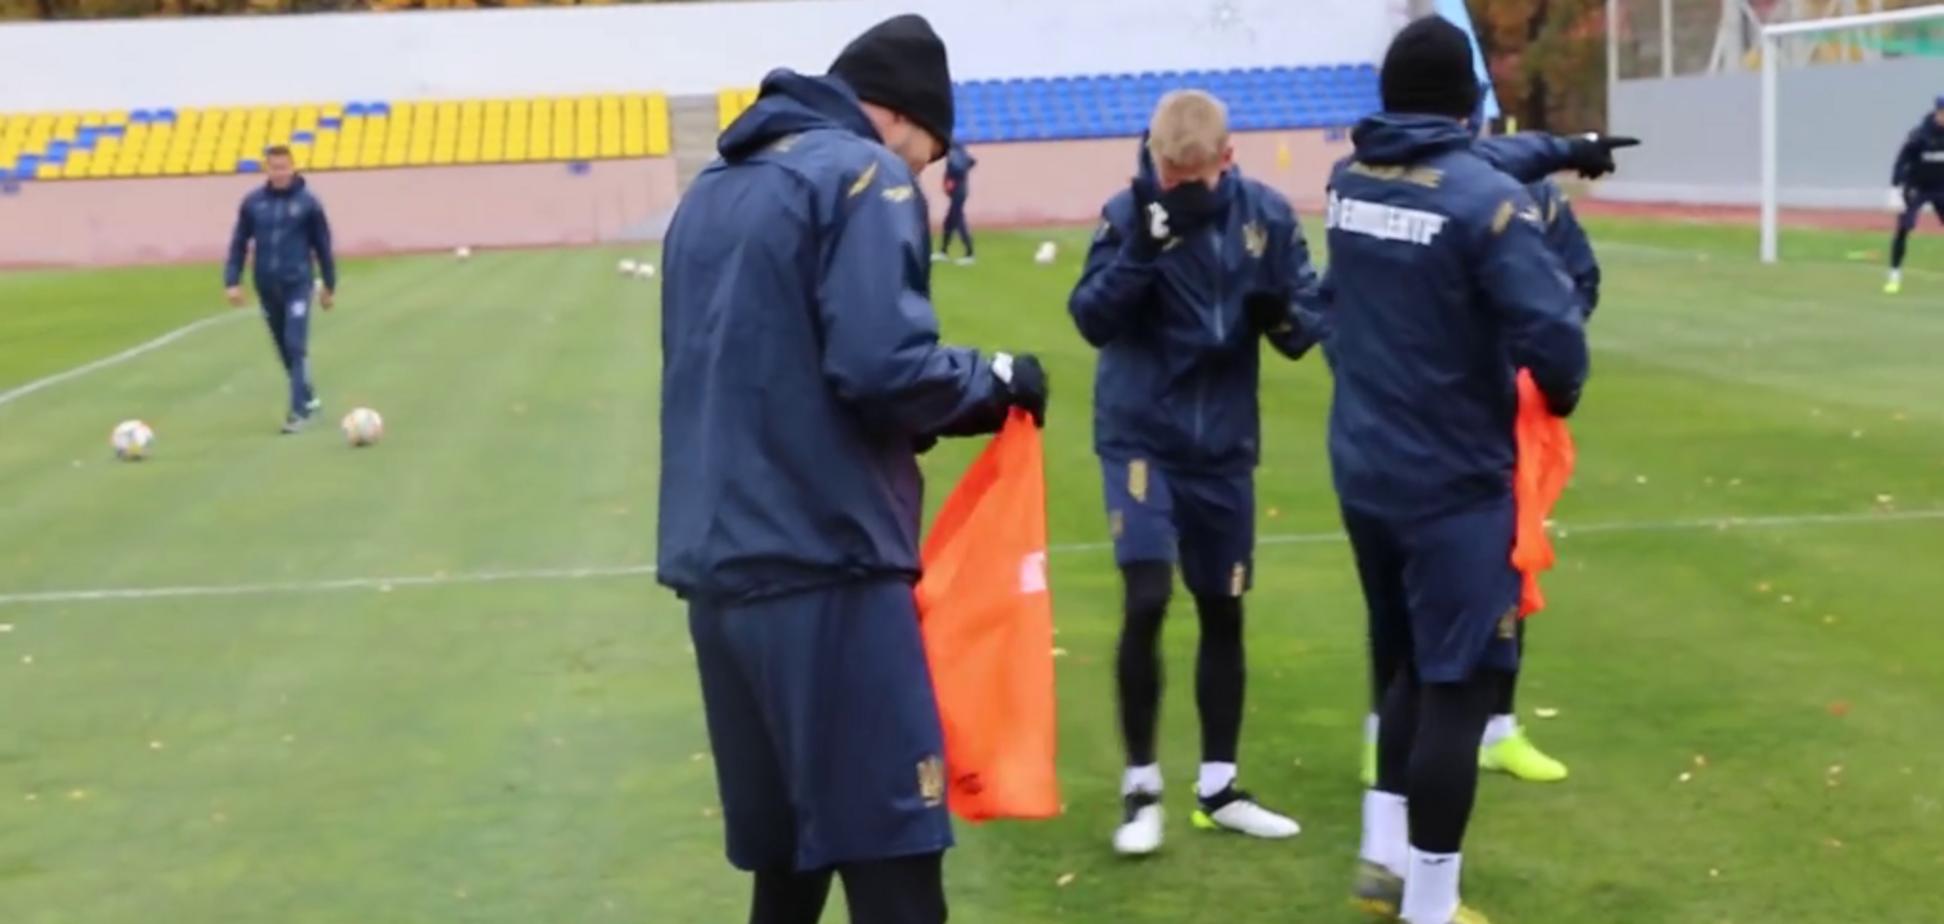 Малиновский отправил Зинченко в нокдаун на тренировке сборной Украины - опубликовано видео